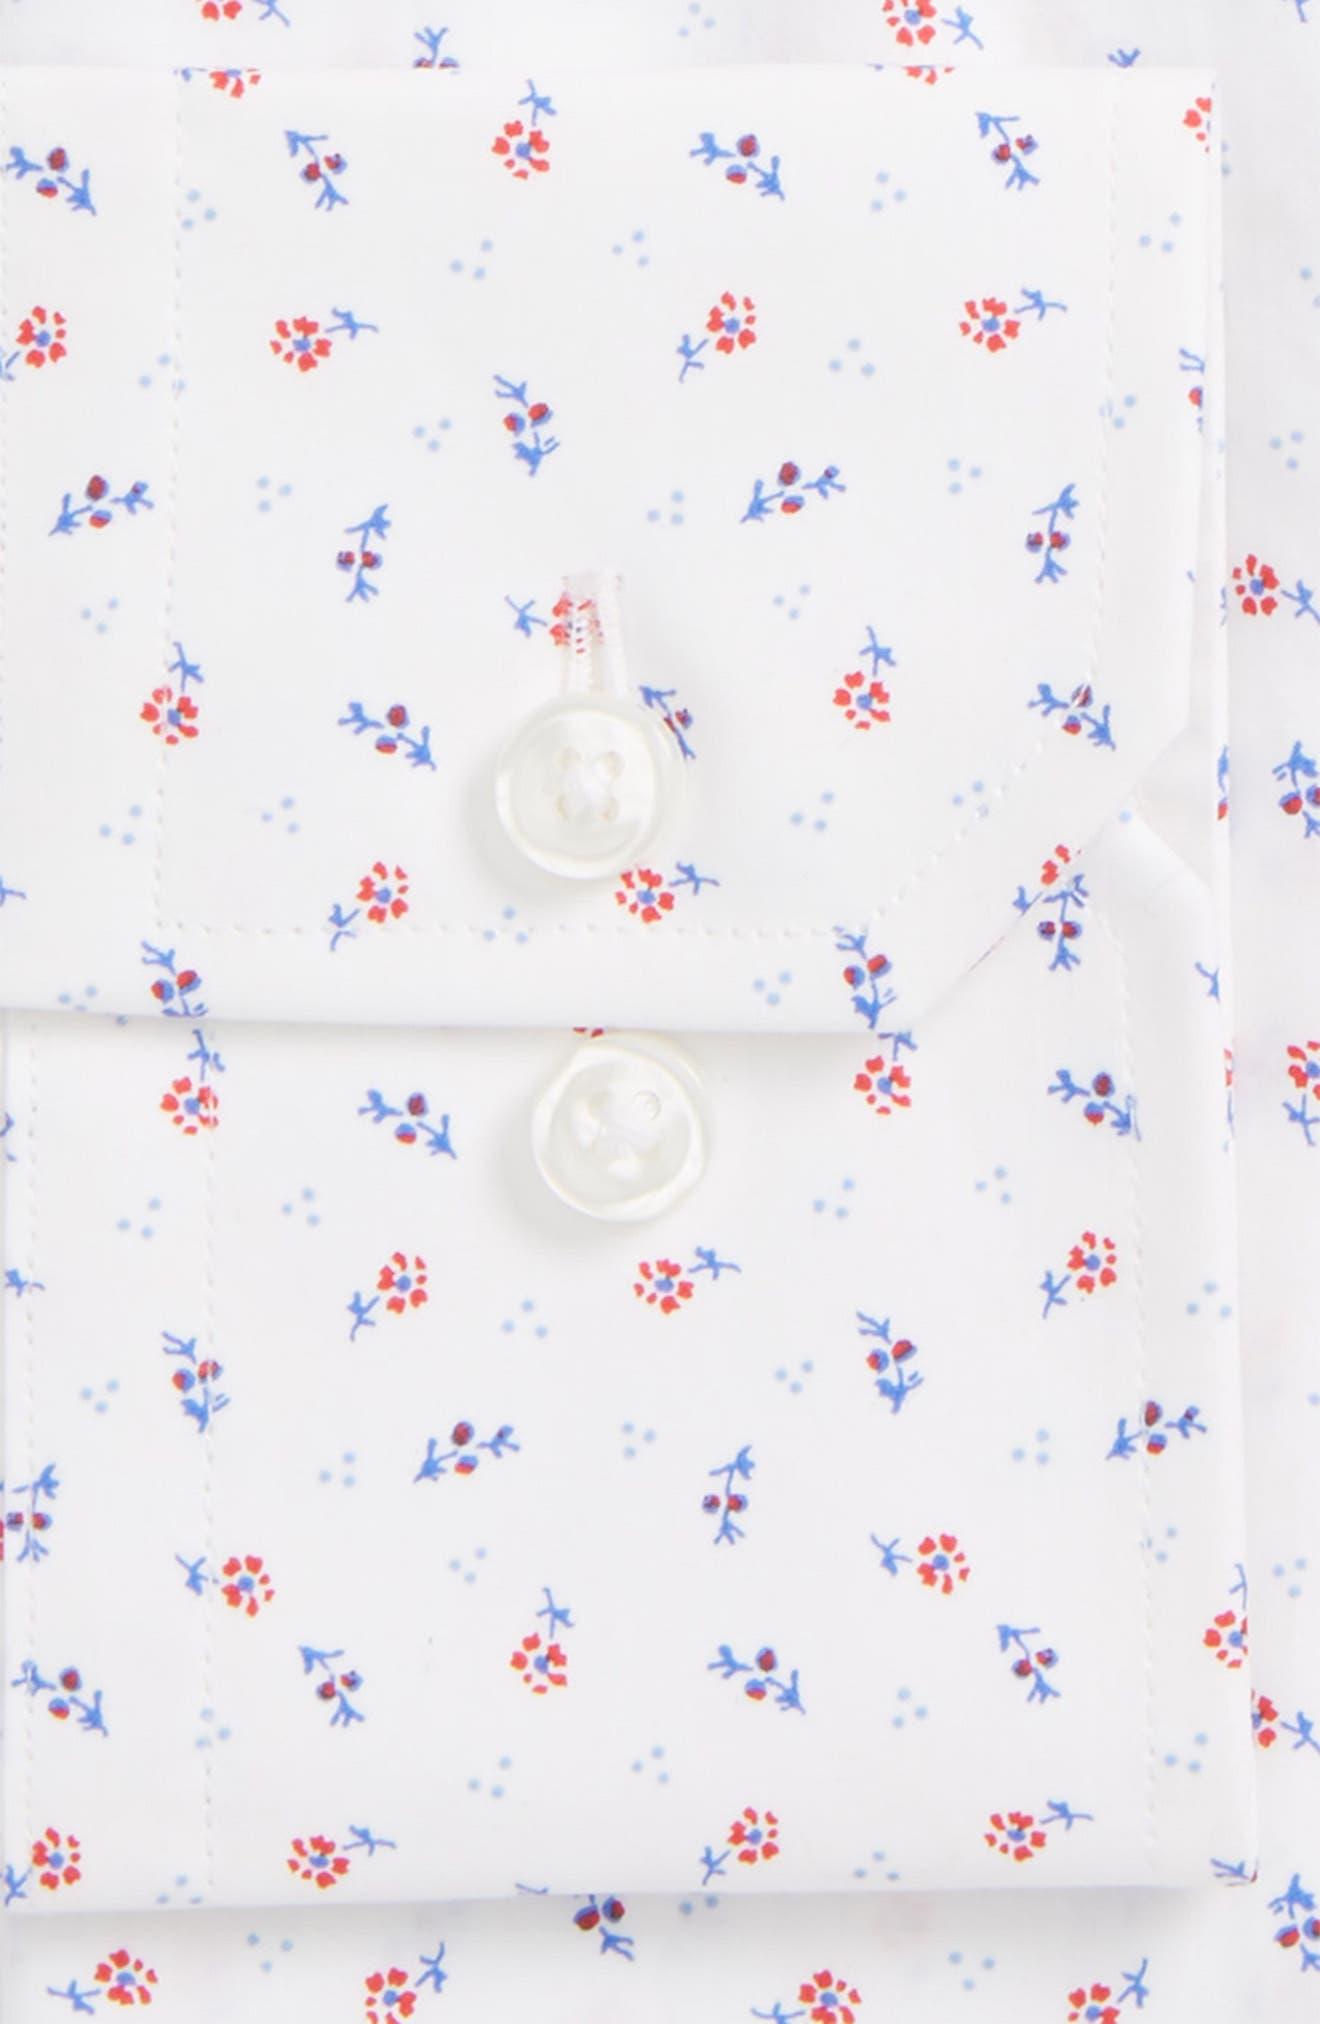 Espirit Trim Fit Floral Dress Shirt,                             Alternate thumbnail 2, color,                             Blue Red Floral